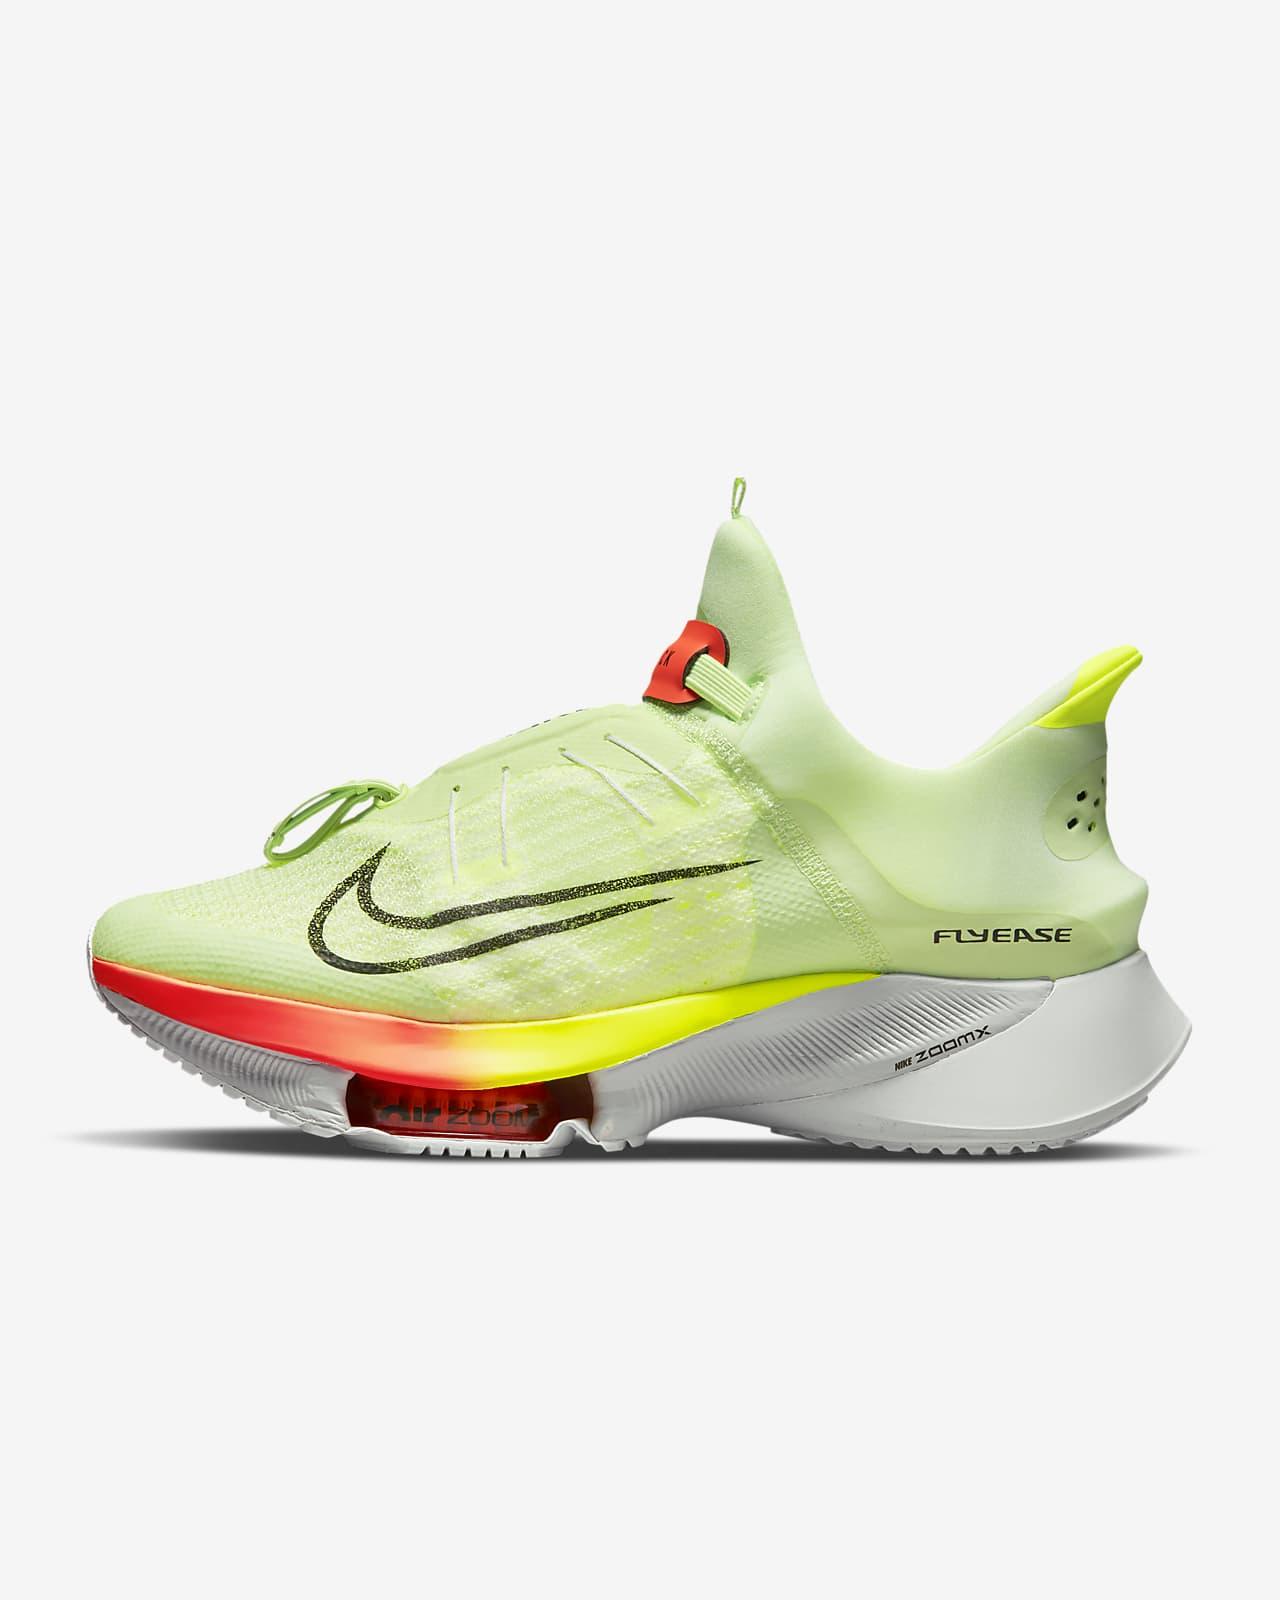 Nike Air Zoom Tempo NEXT% FlyEase løpesko for vei til herre som er enkel å ta av/på